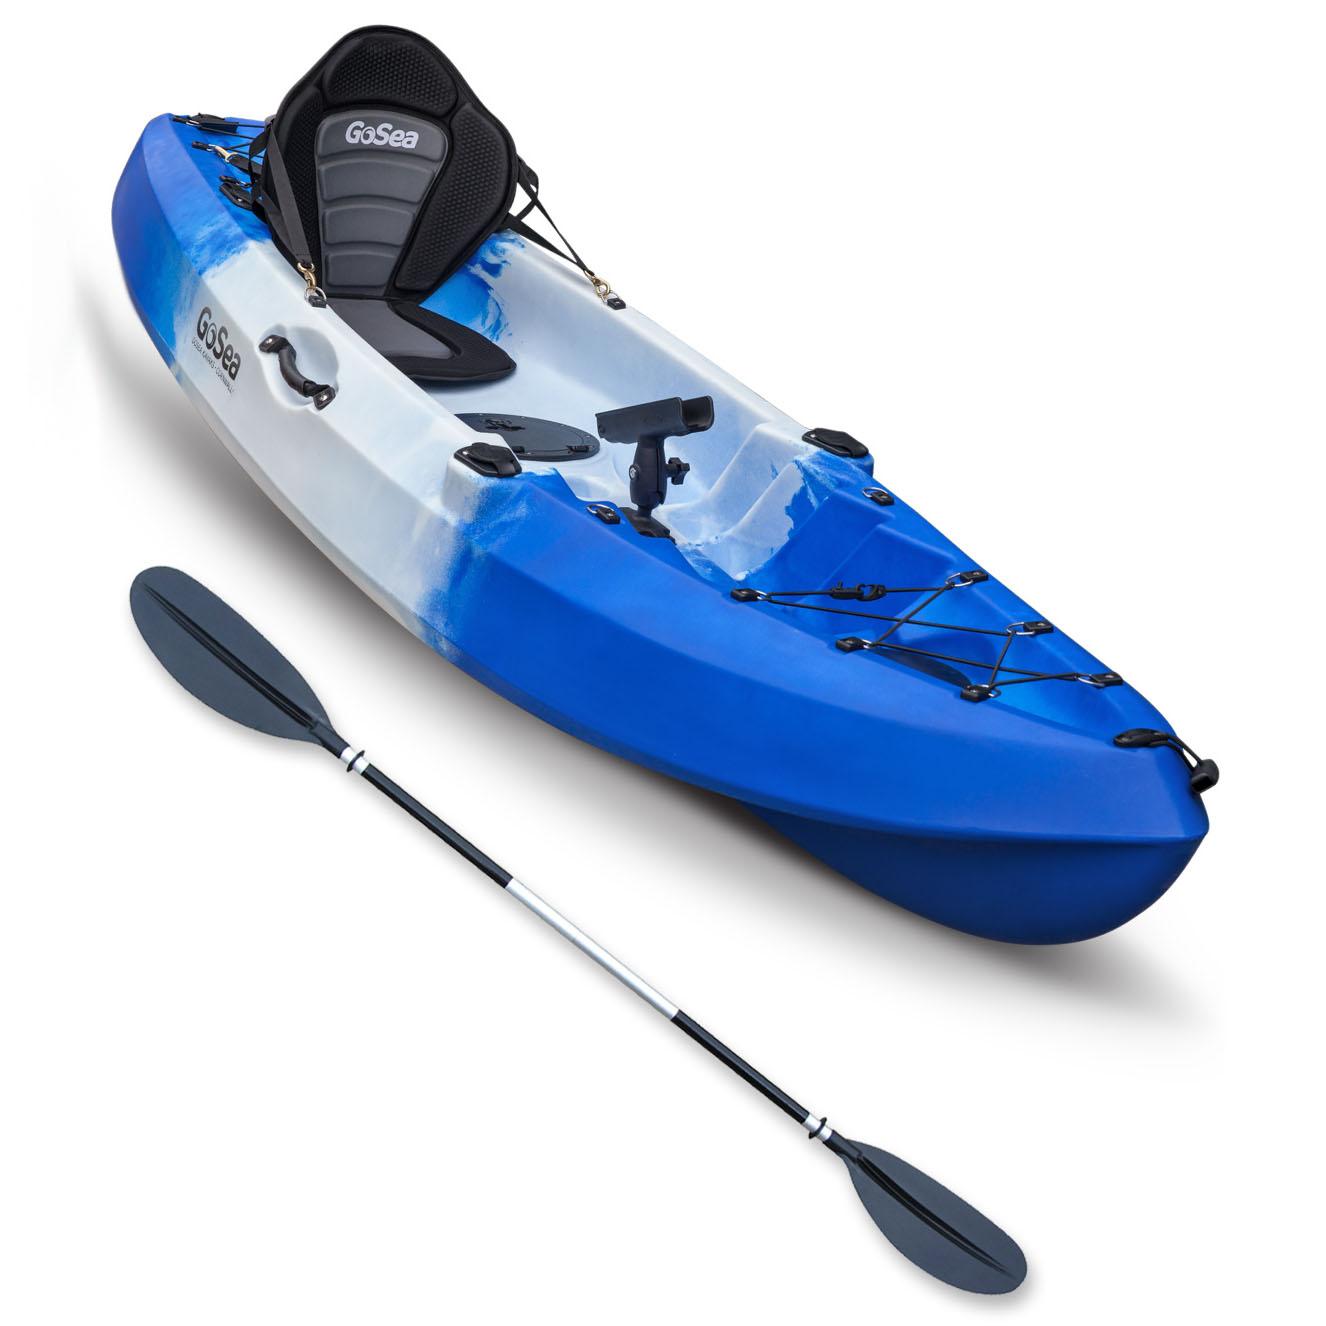 gosea single kayak